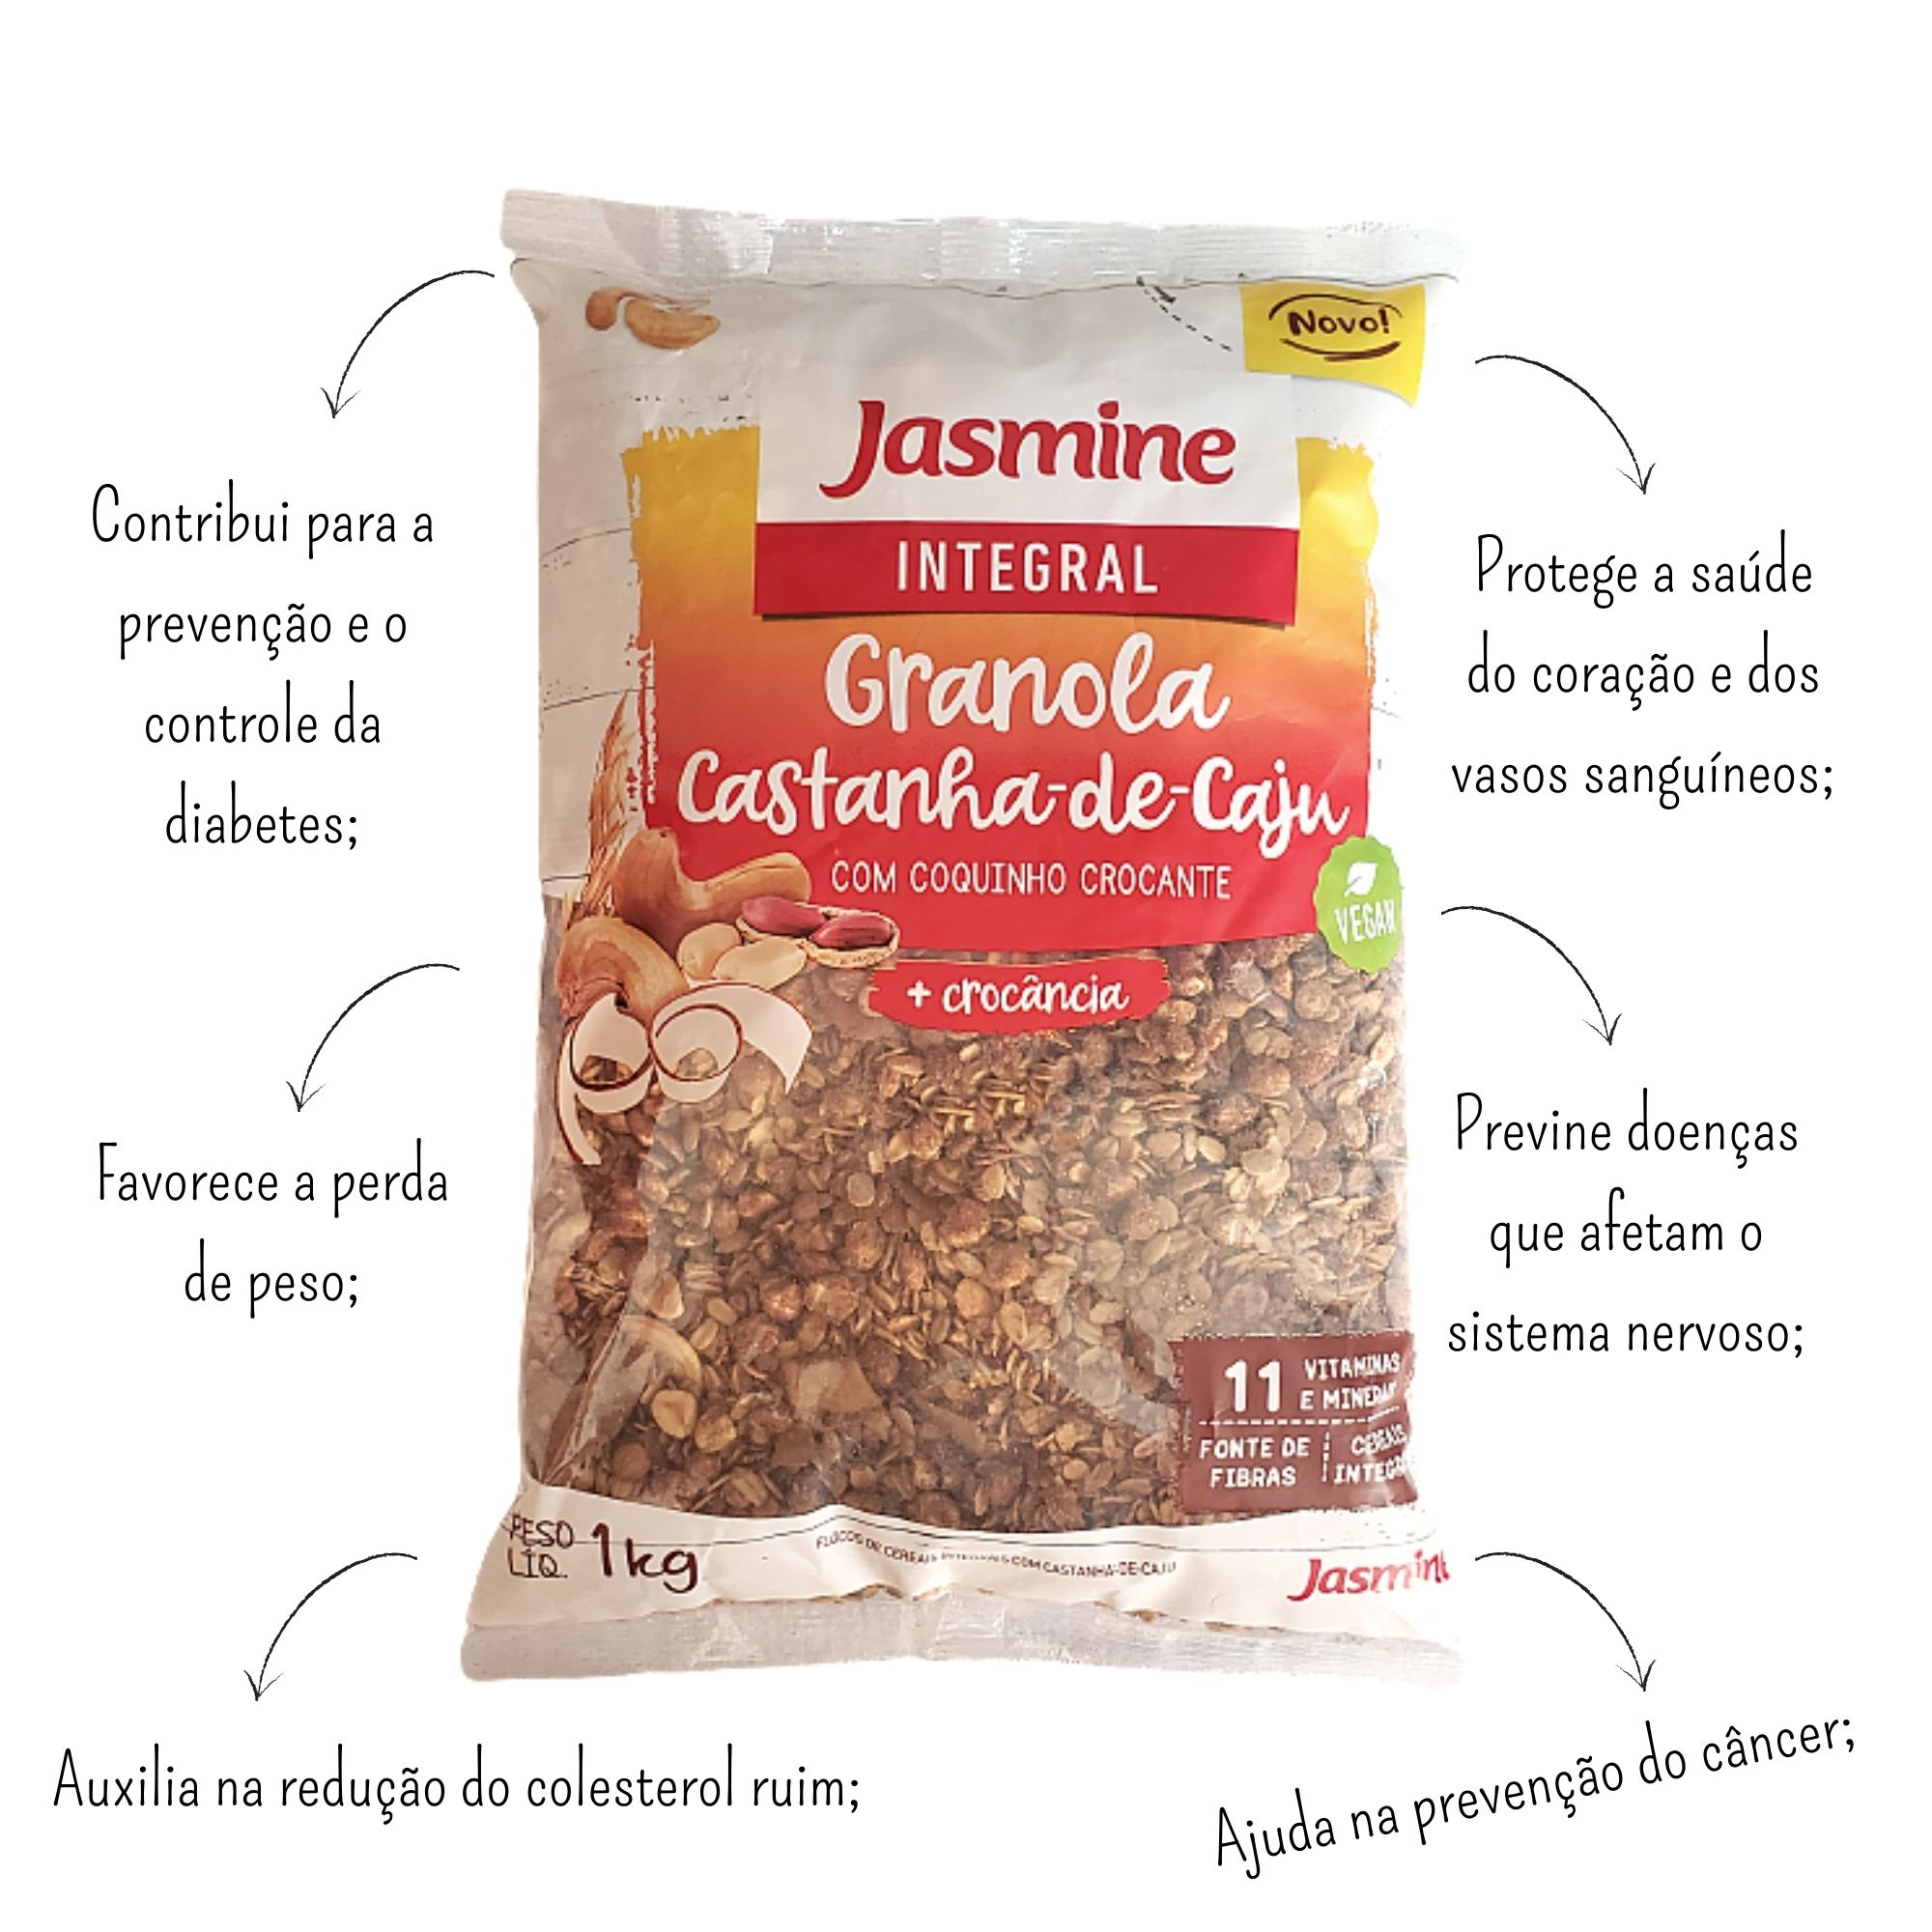 Granola Castanha-De-Caju Com Coquinho Crocante 1Kg - Jasmine